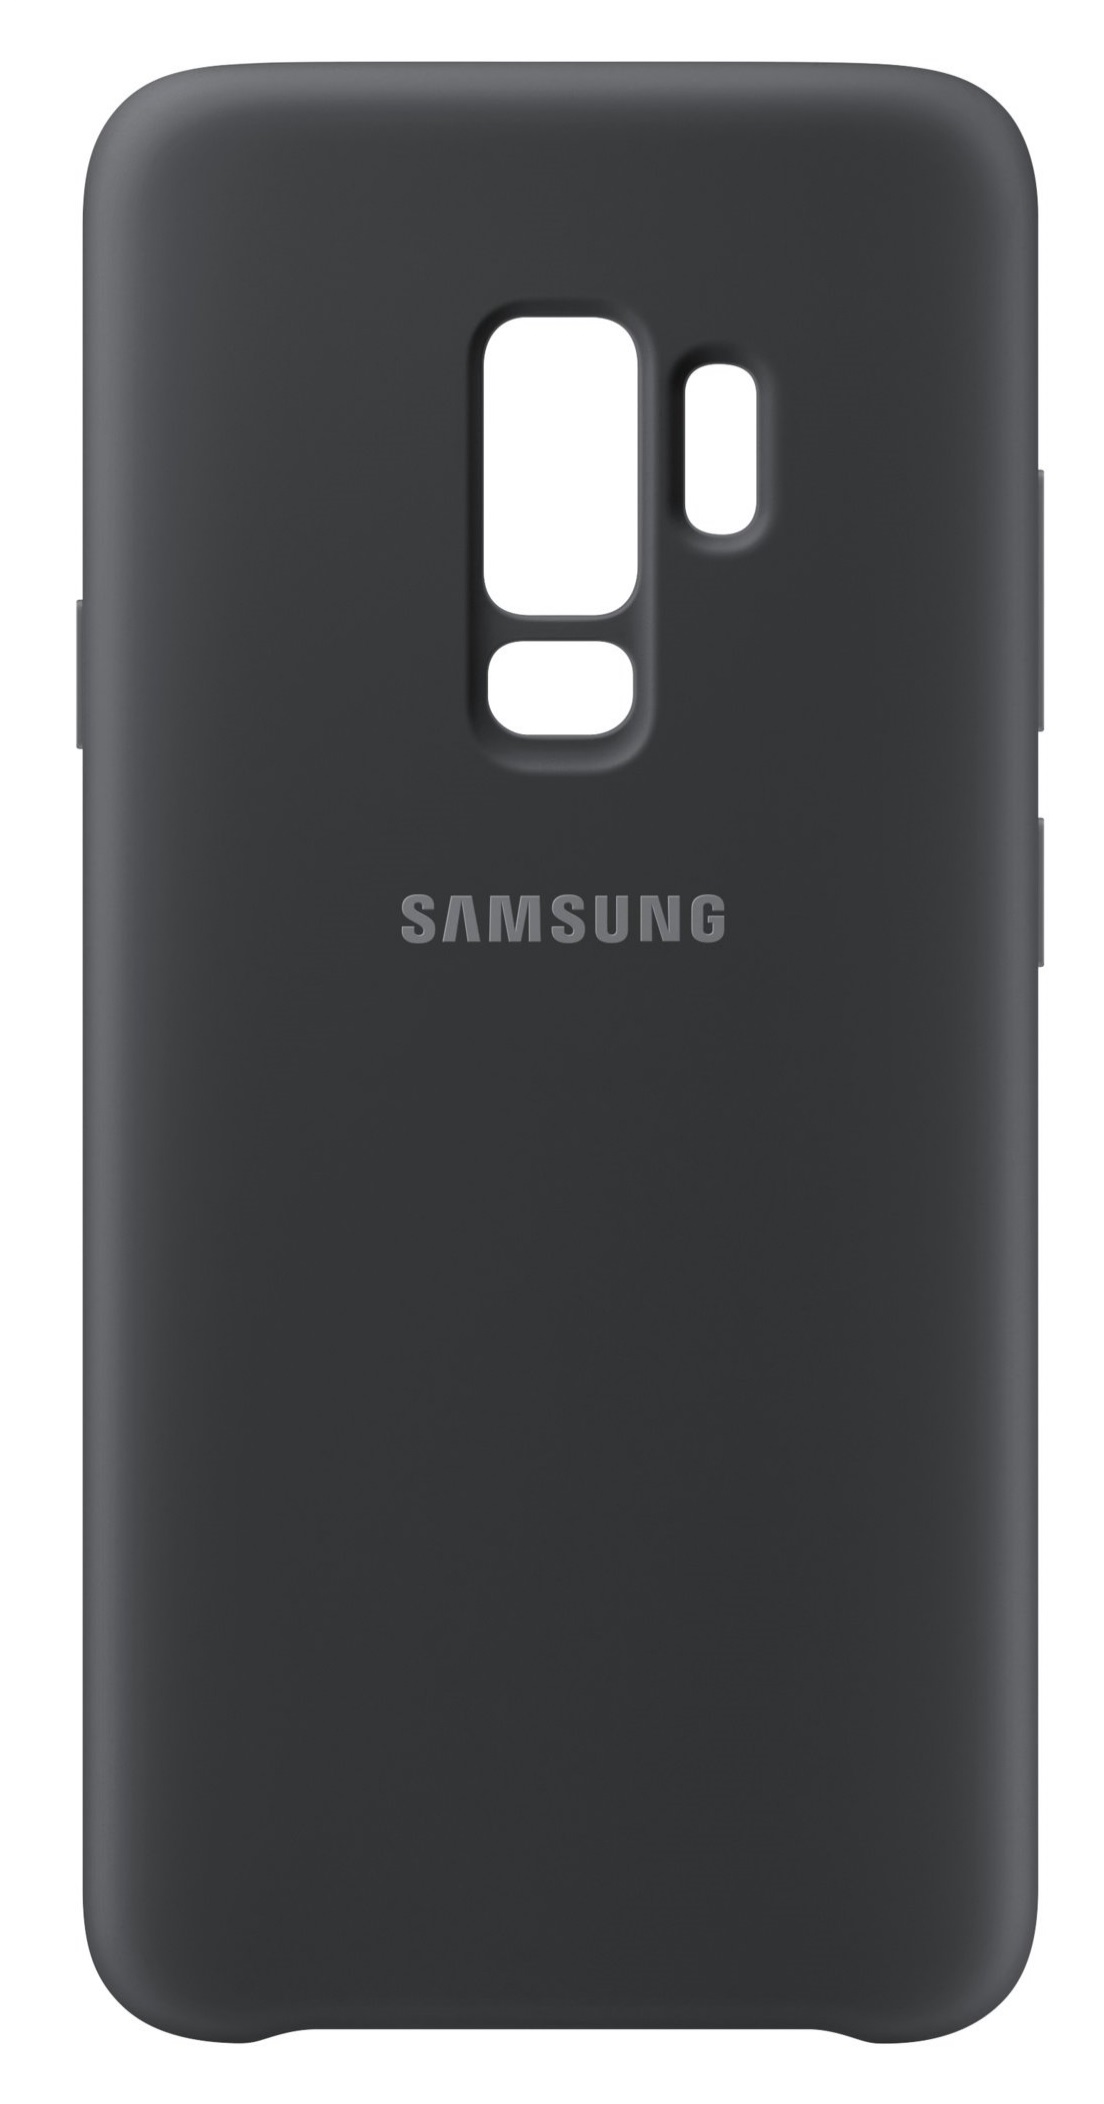 Husa Samsung EF-PG965TBEGWW silicon neagra pentru Samsung Galaxy S9 Plus (G965)